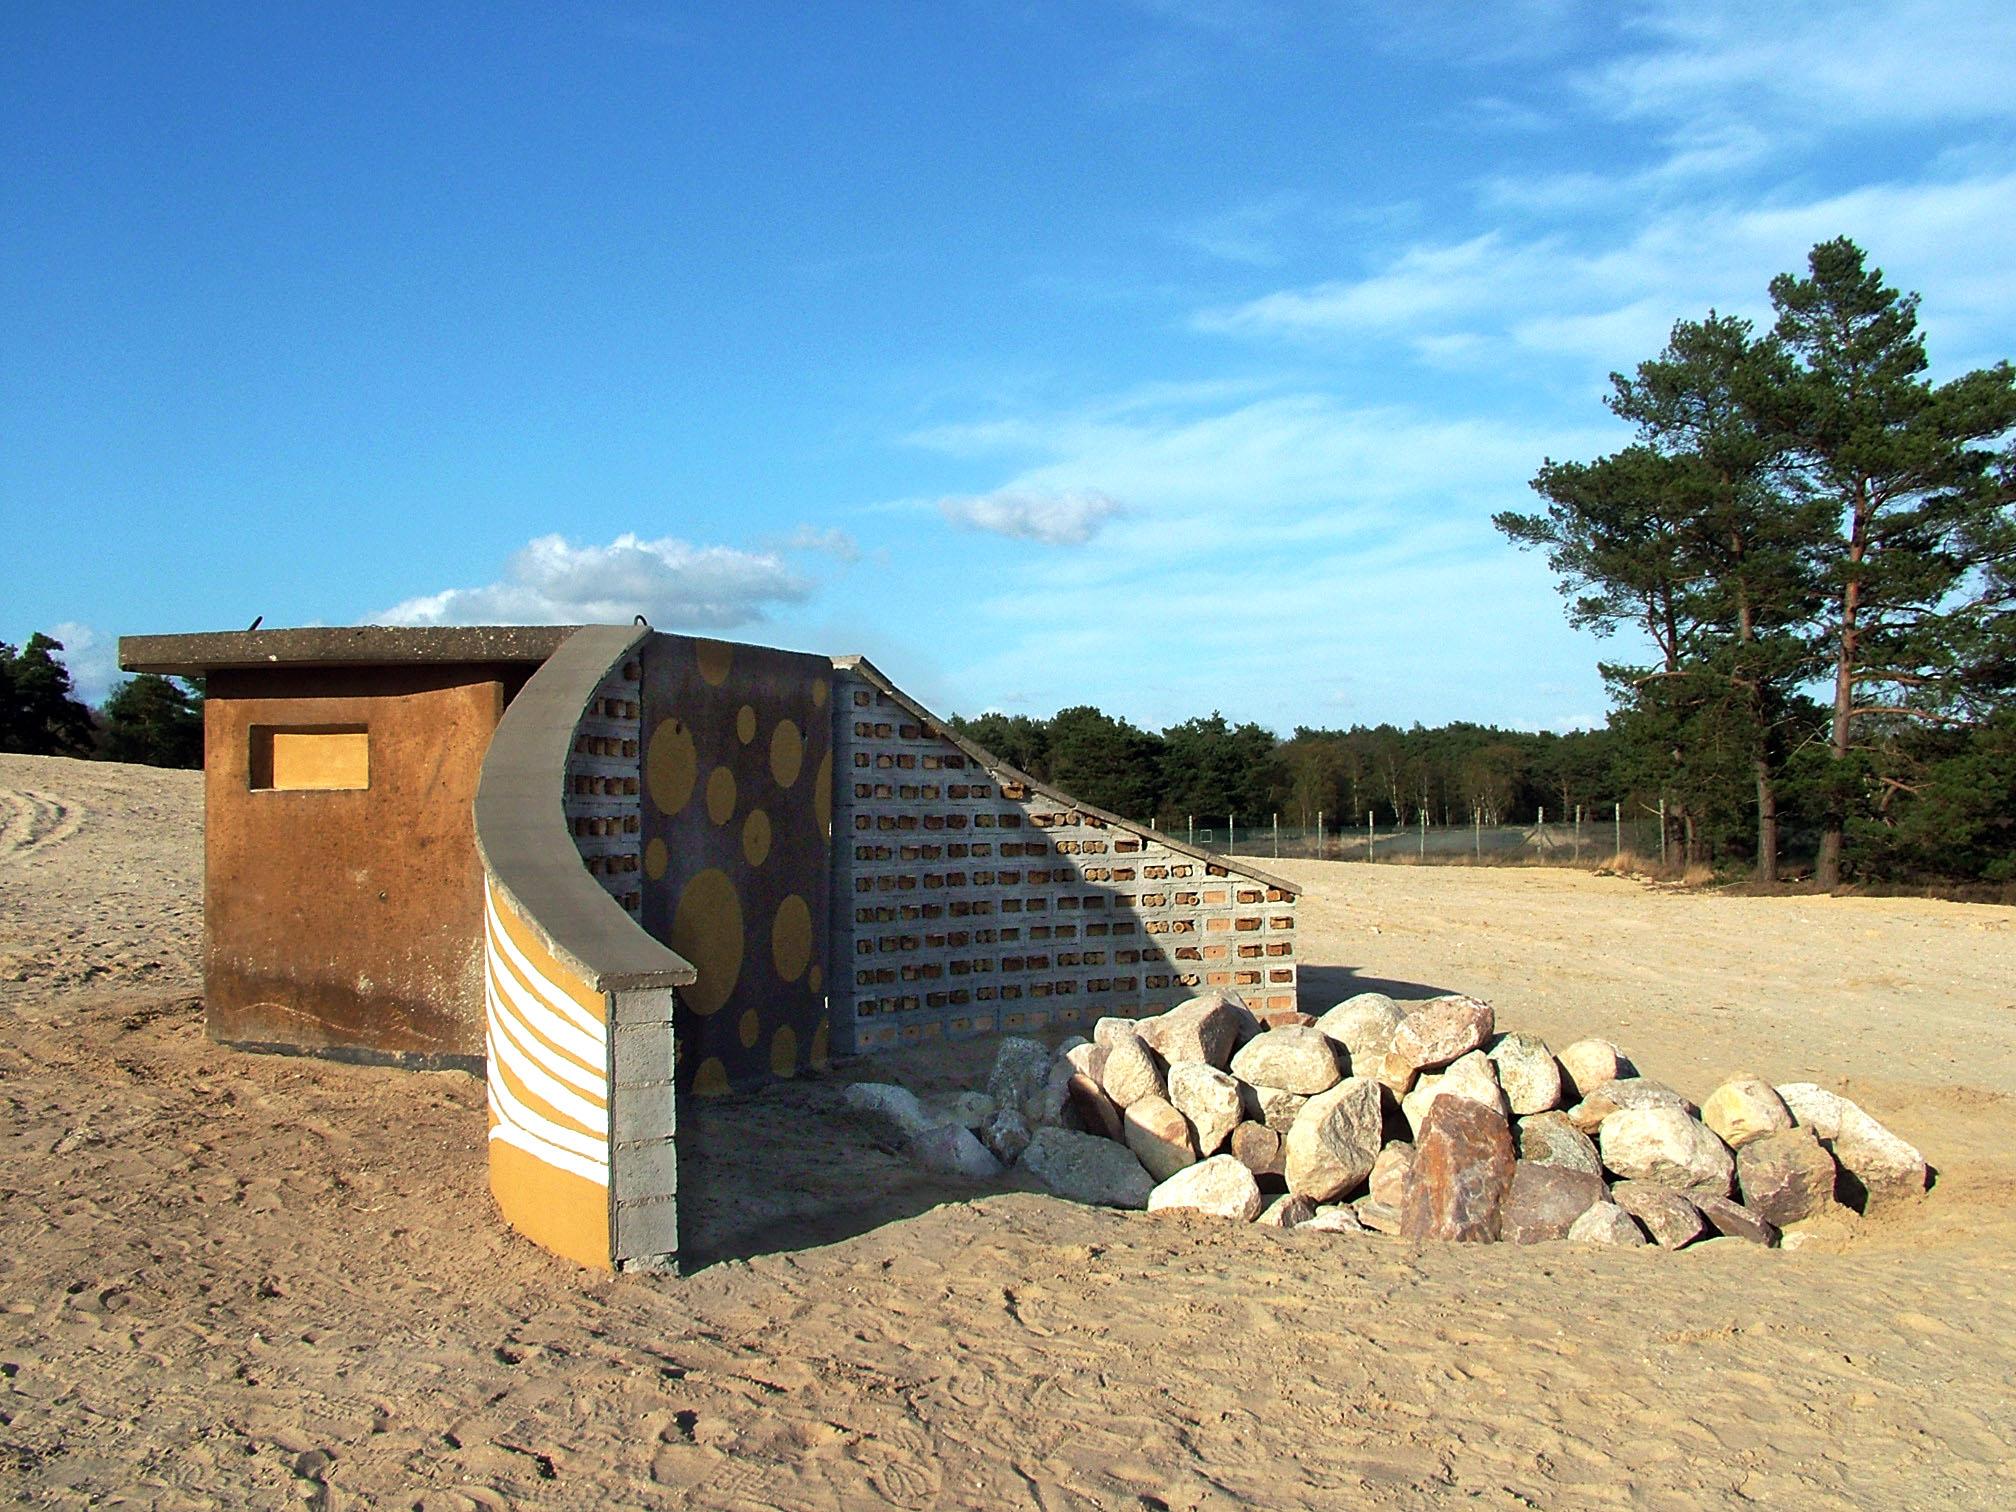 """""""Bijenhotel en meer"""" uit zich hier in het wachthuis links als kraamkamer voor vleermuizen en verblijf voor padden, en de steenhoop rechts voor adders en zandhagedissen."""